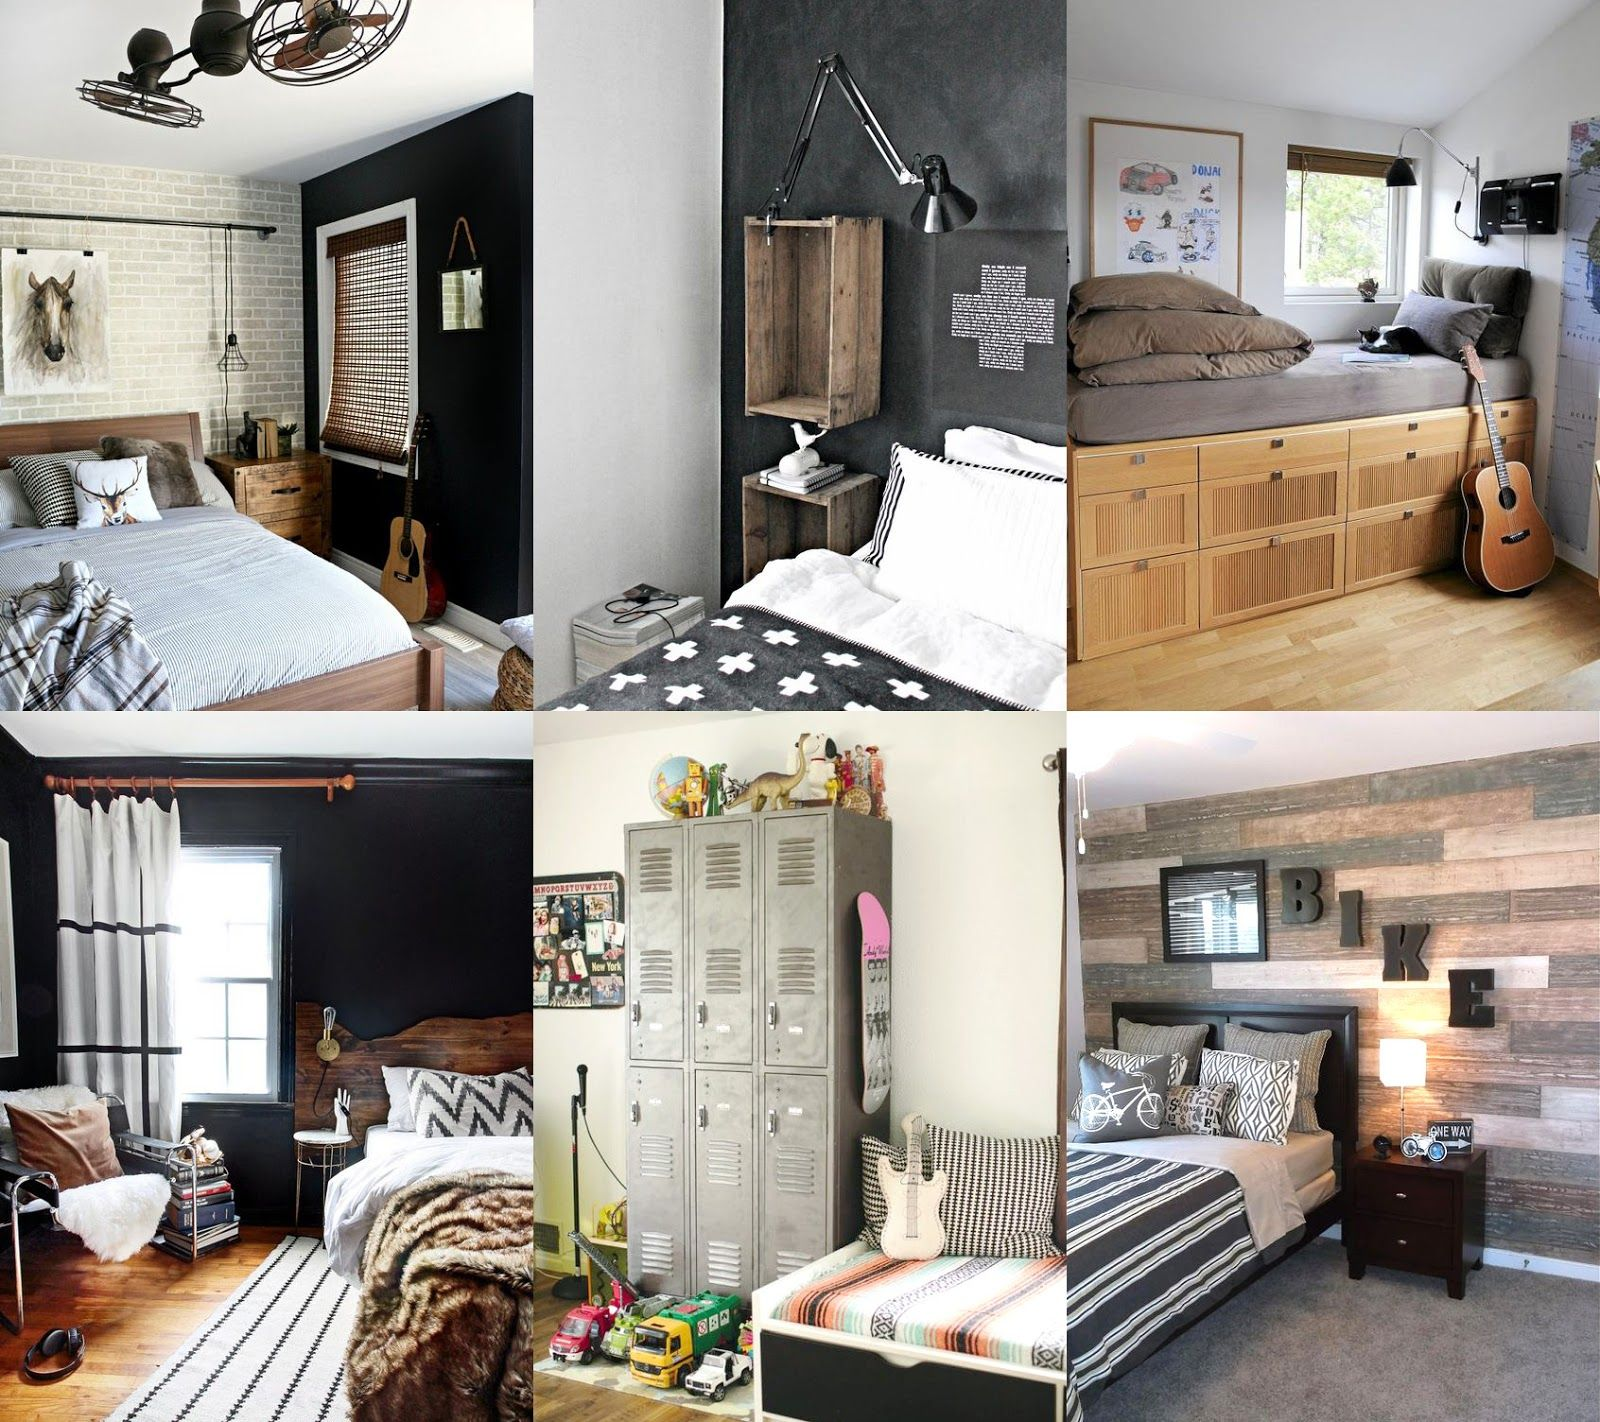 Idee per la camera di un ragazzo shabby chic interiors casa dolce casa pinterest shabby - Camera ragazzo idee ...